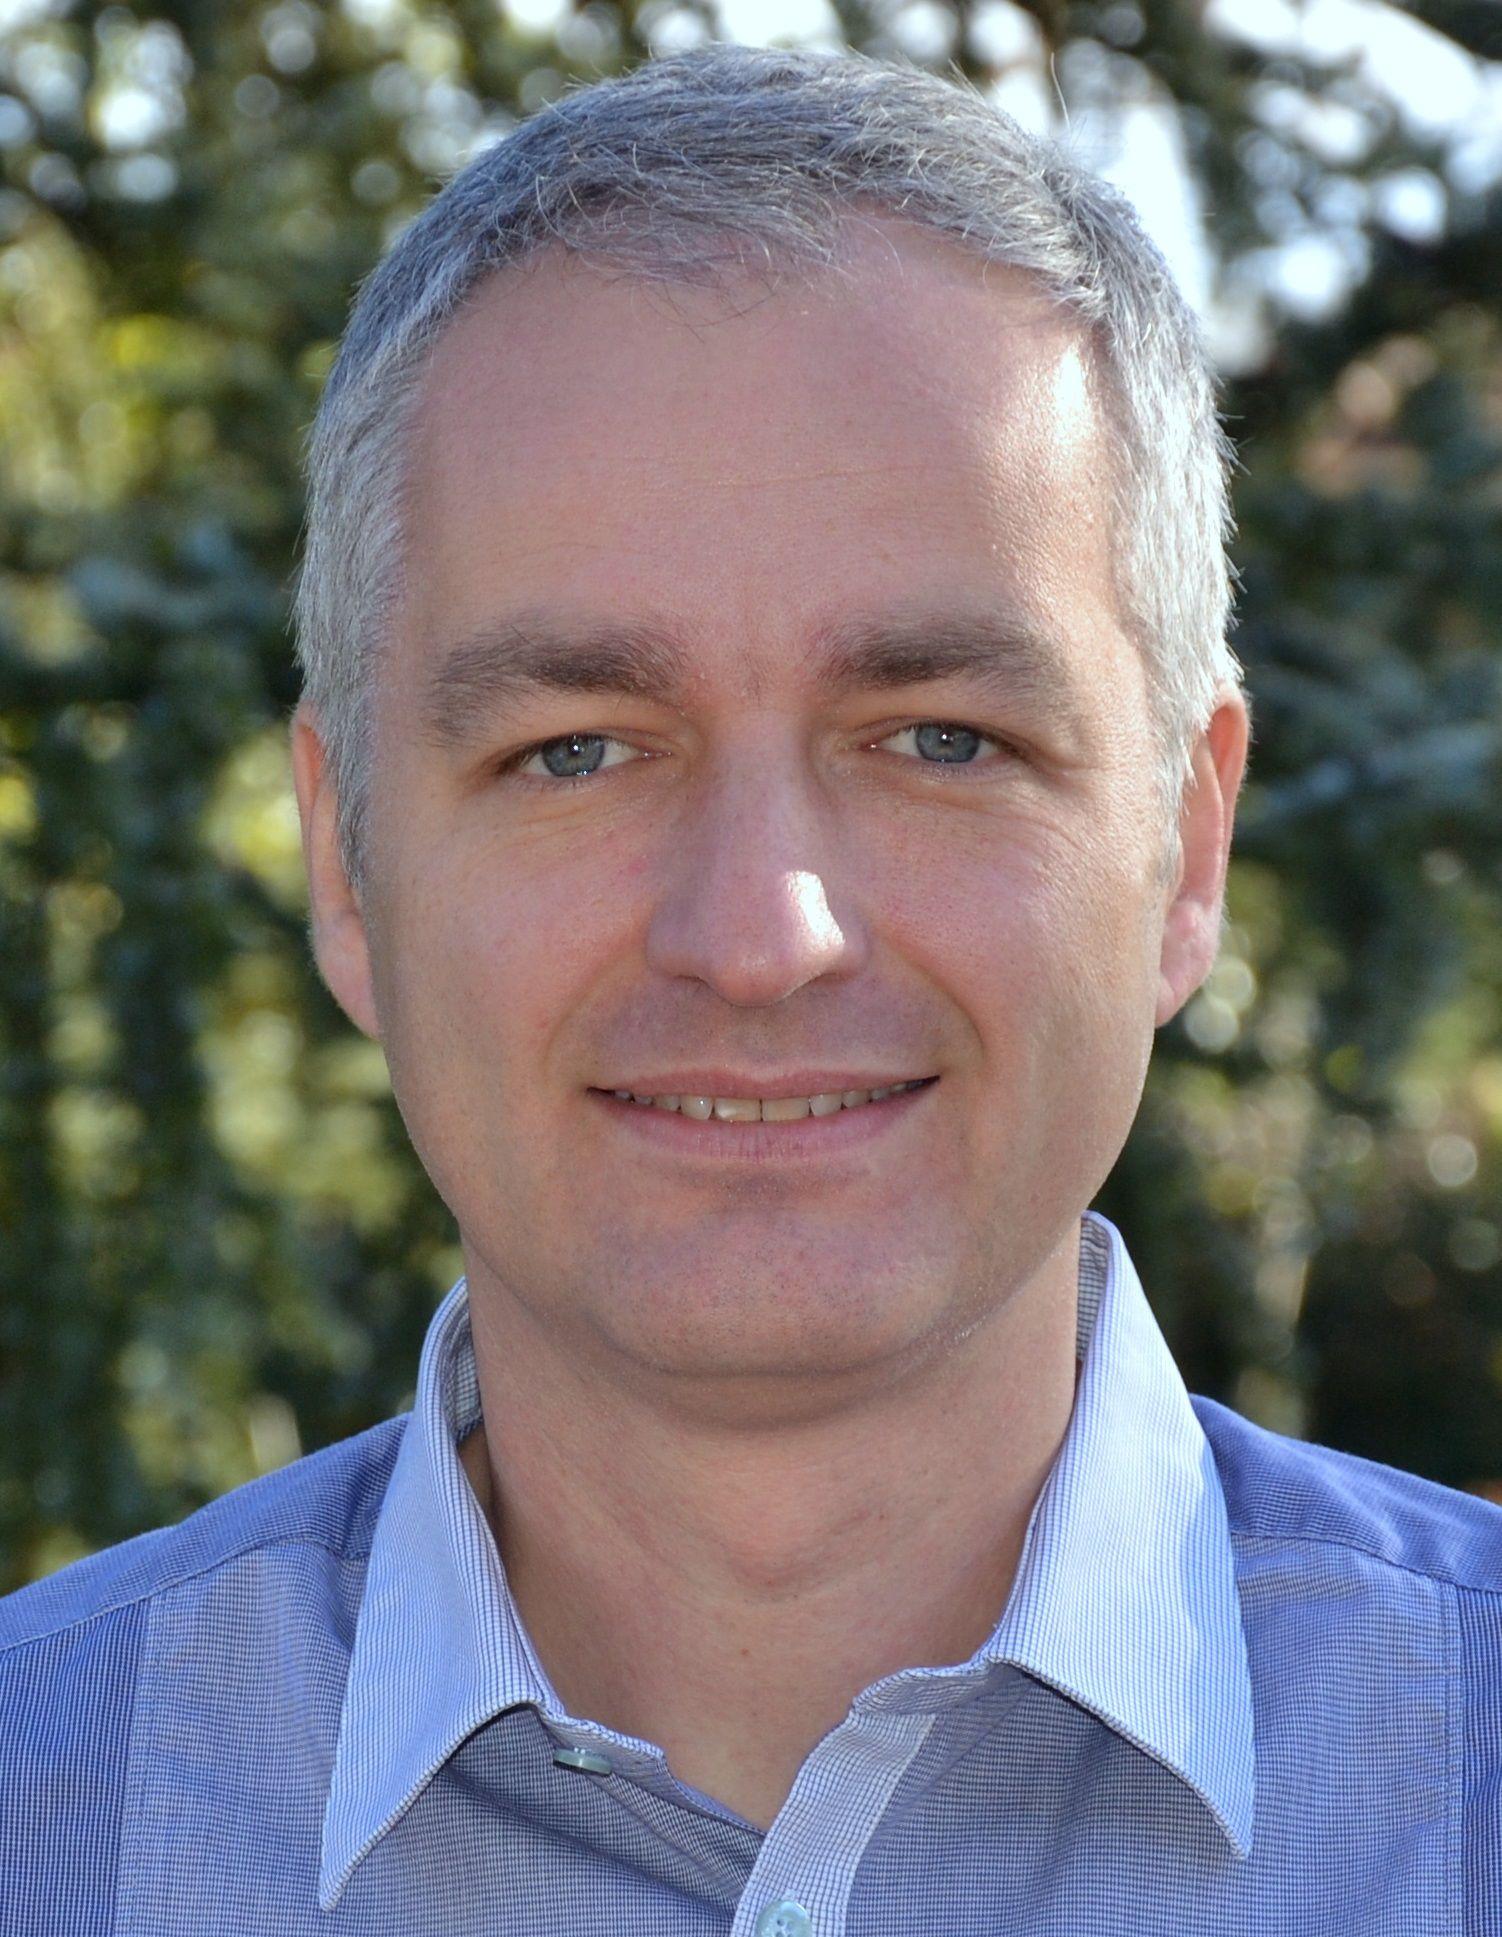 Miroslav LUKIC : Evolution des compétences de l'ingénieur maintenance dans l'usine 4.0